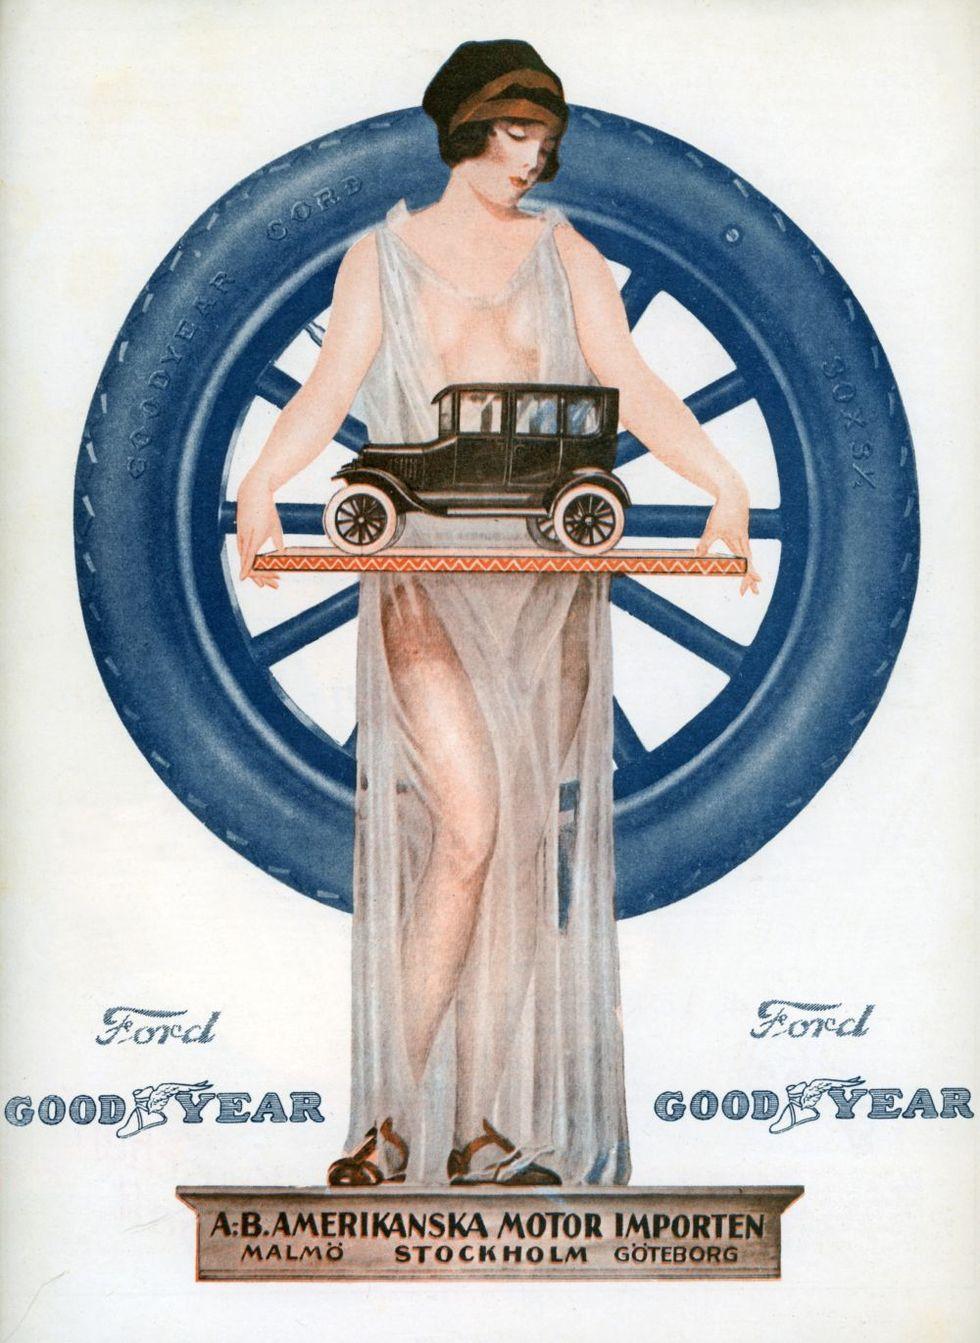 8f7f114a981d Samt konstatera att man kunde vara både mossig och djärv samtidigt redan  1924 när en ung kvinna visar mycket av sig själv medan hon håller fram en  Ford ...